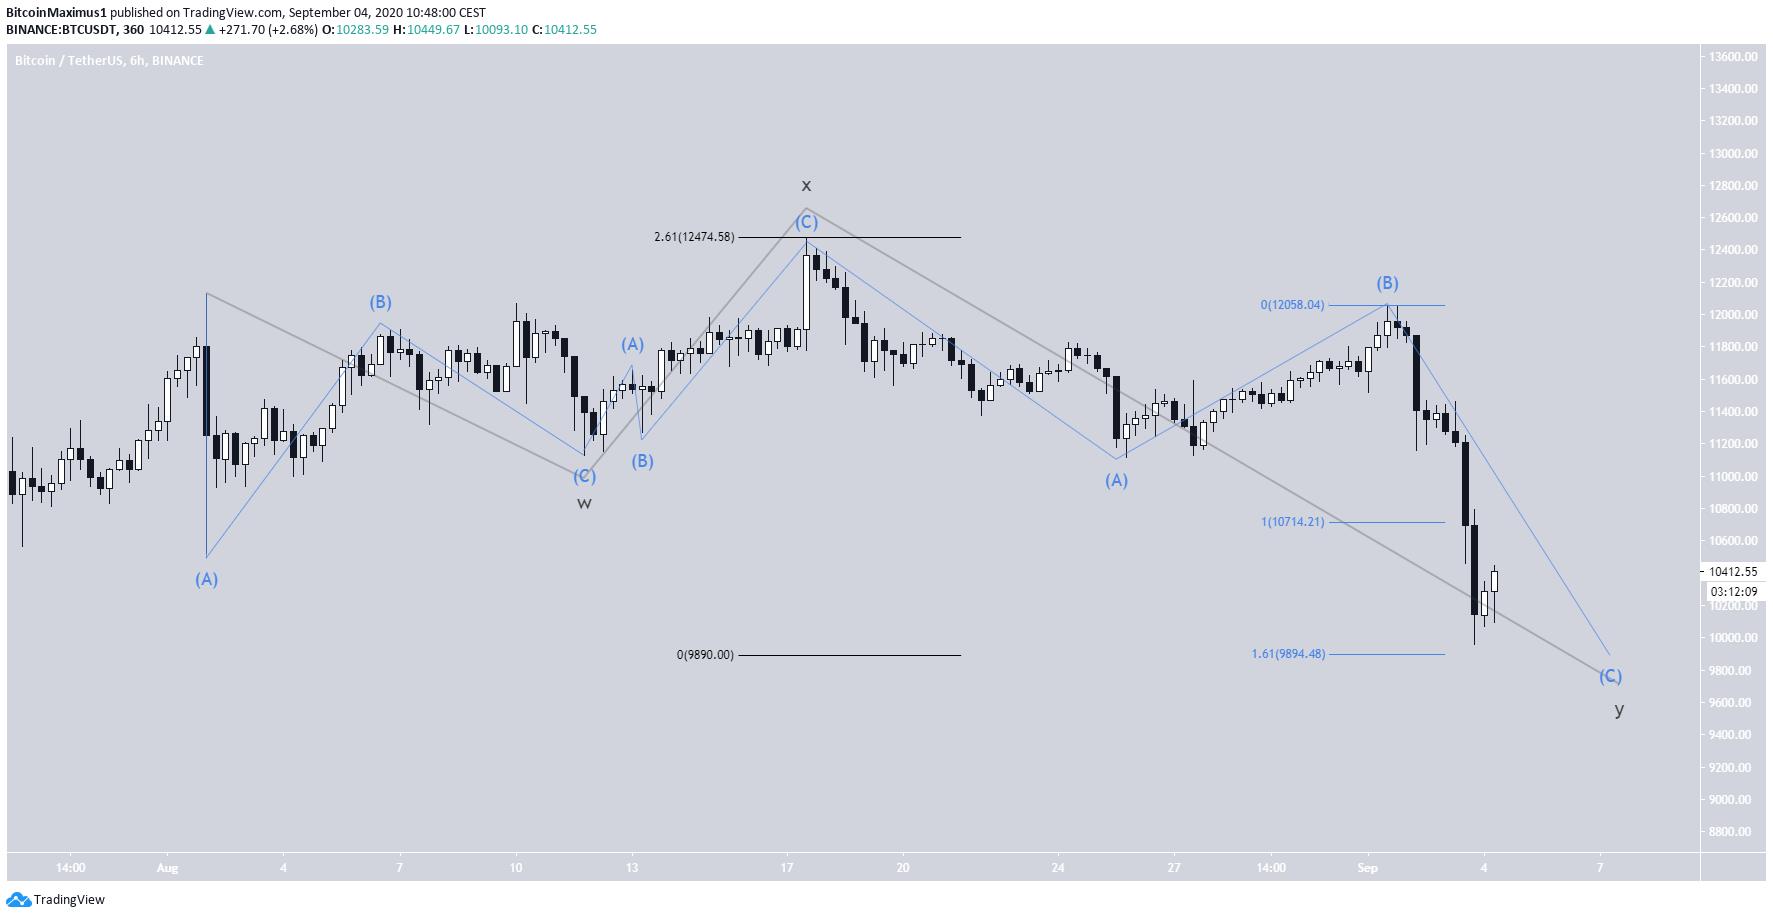 Bitcoin Shorter-Term Wave Count